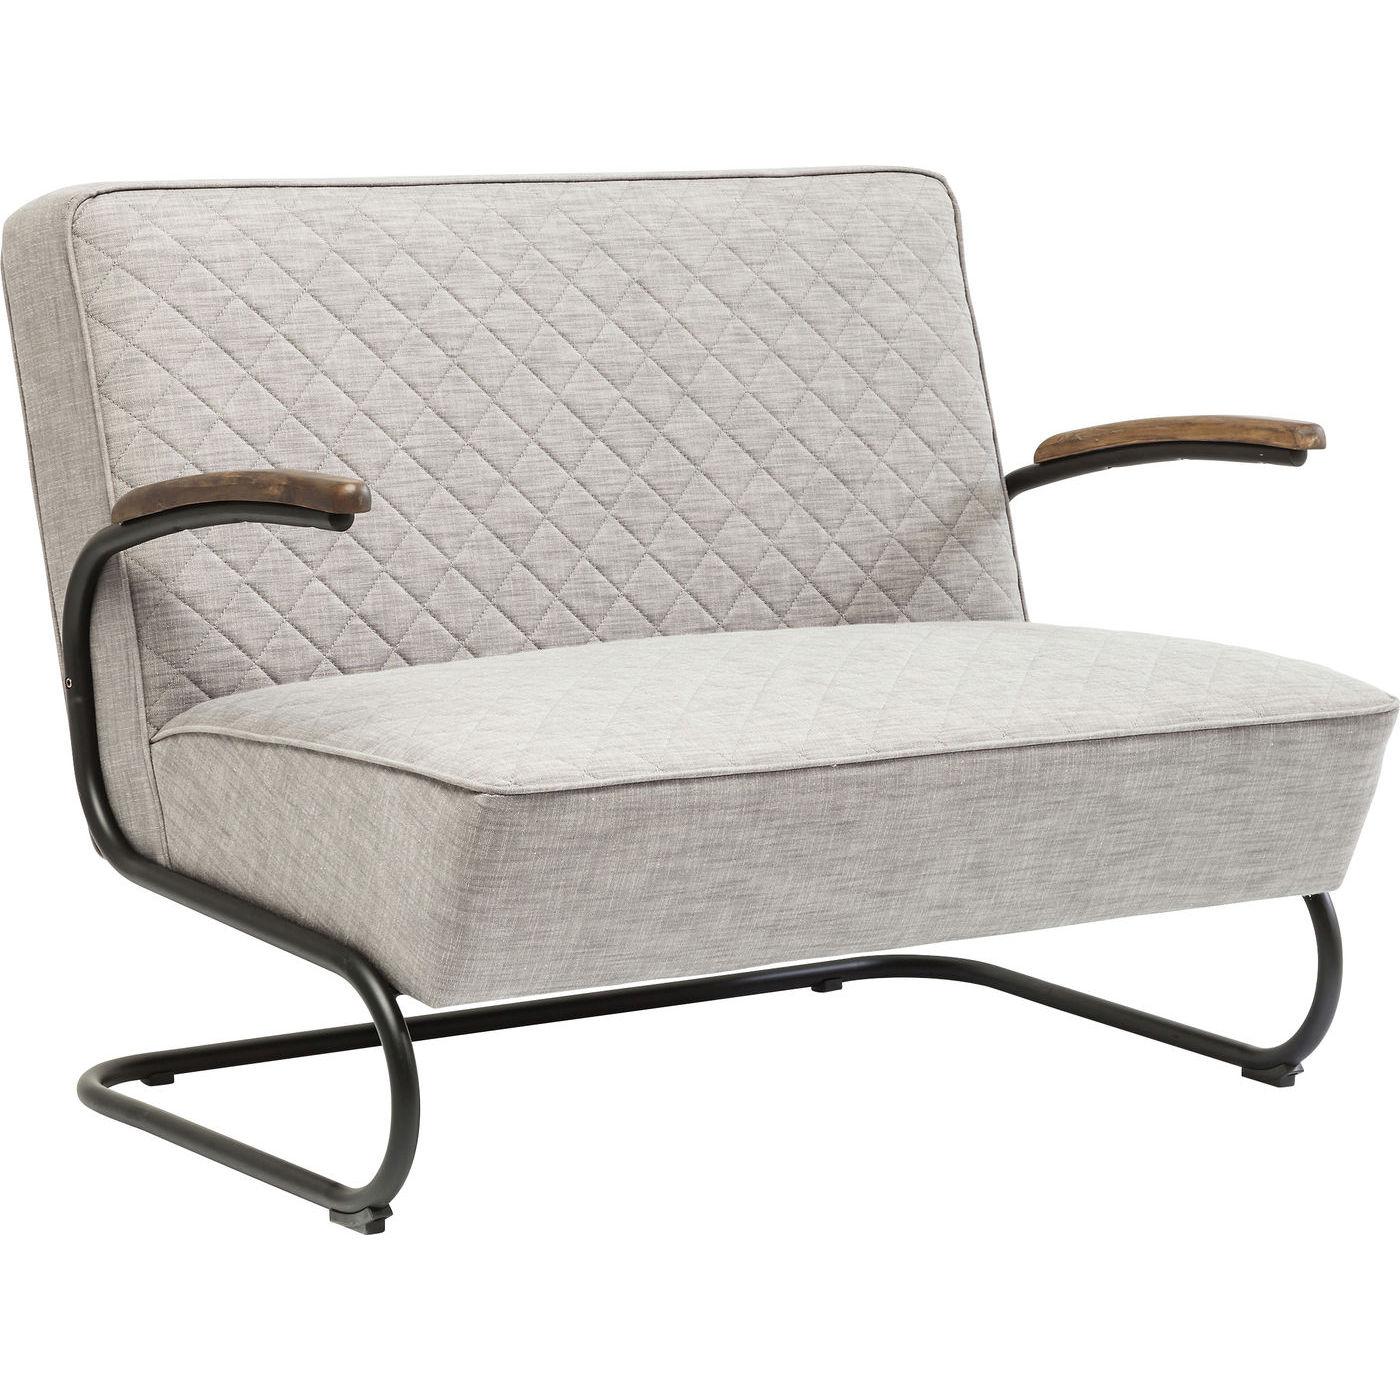 Billede af Kare Design Sofa, Retro